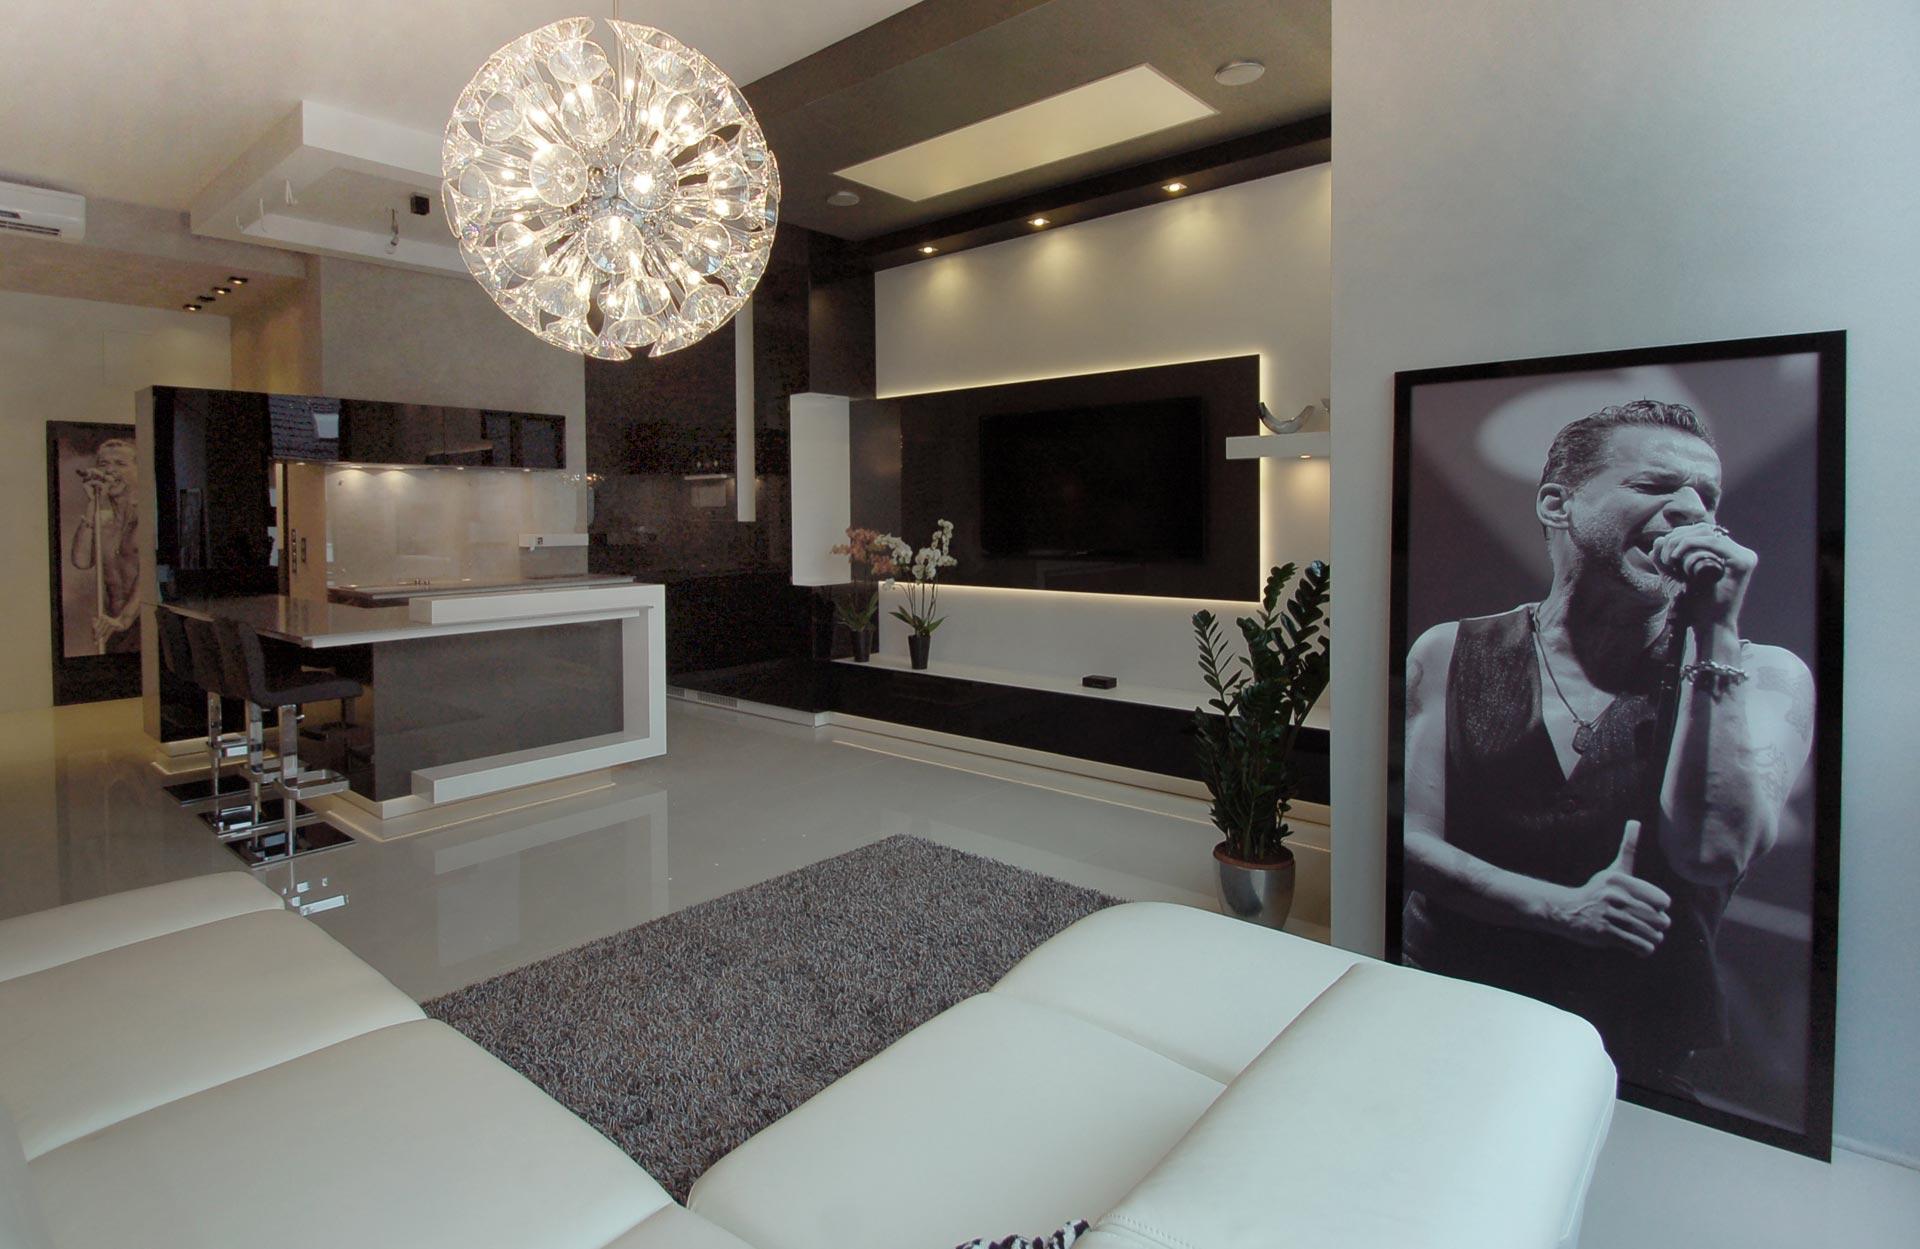 nowoczesny projekt kuchni i salonu